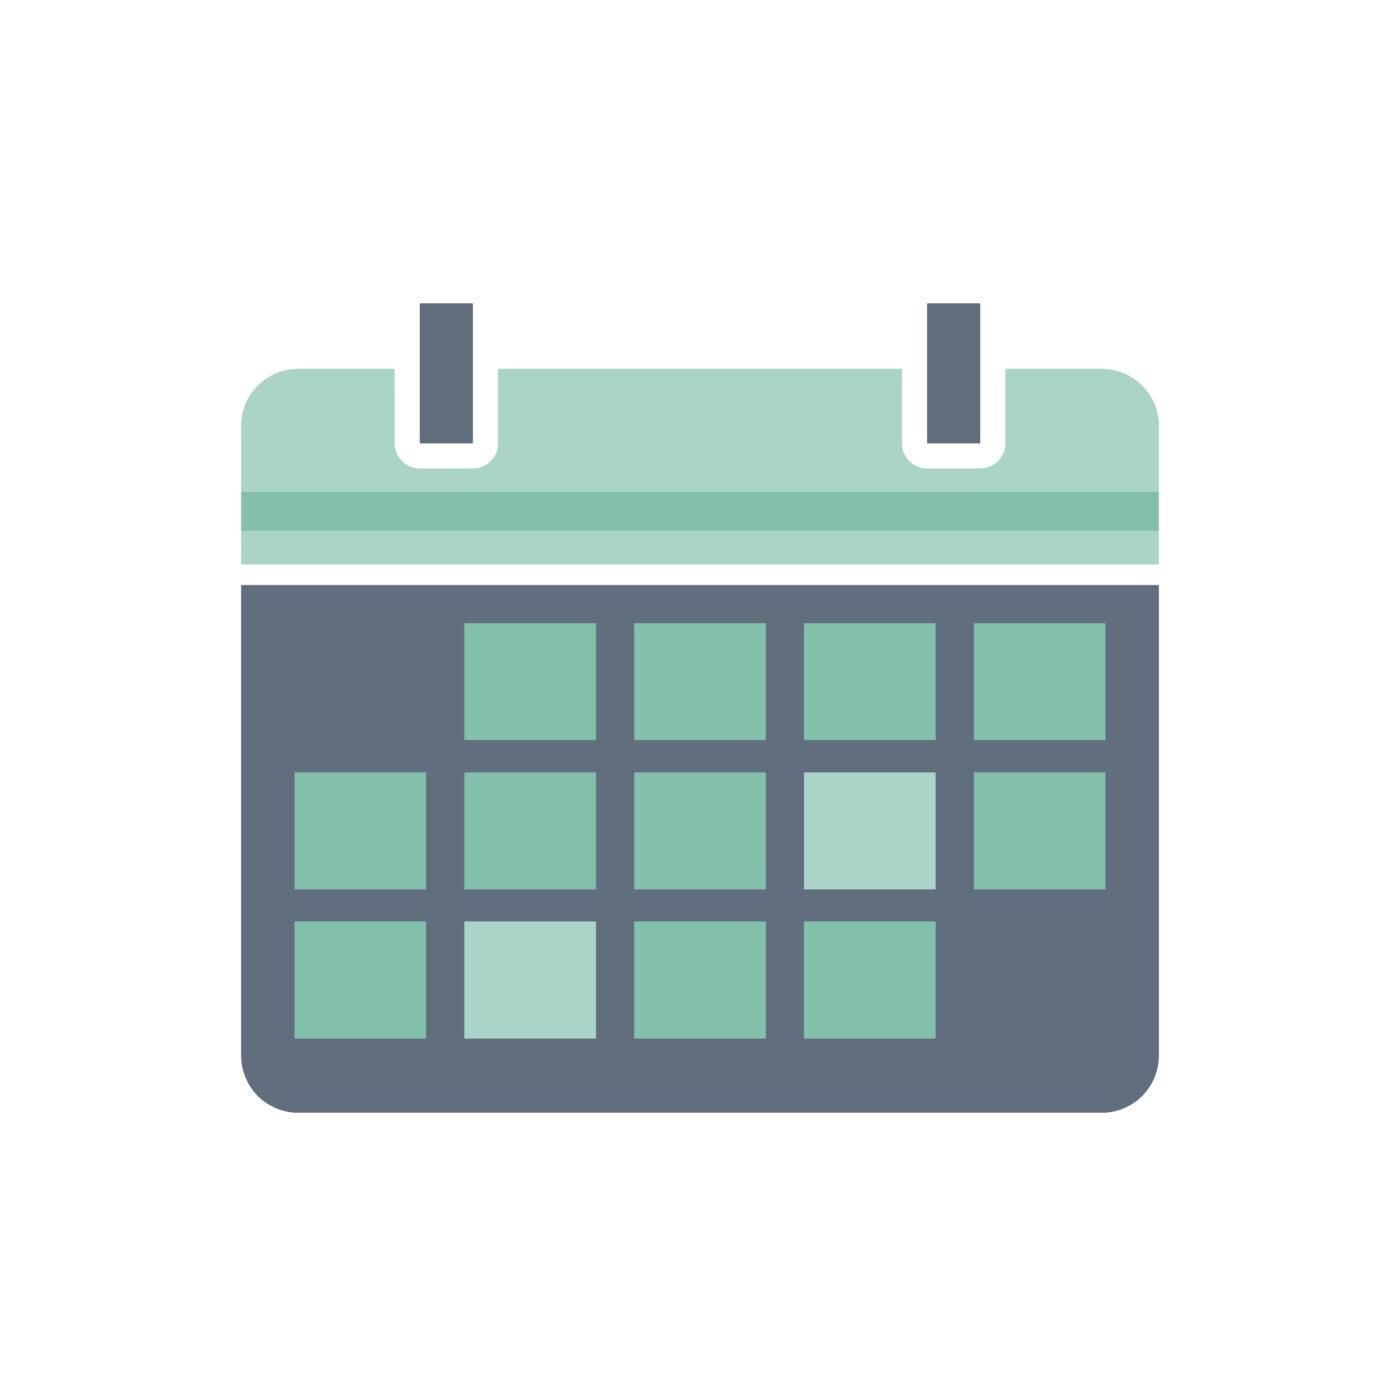 <a href='https://www.freepik.com/vectors/calendar'>Calendar vector created by rawpixel.com - www.freepik.com</a>